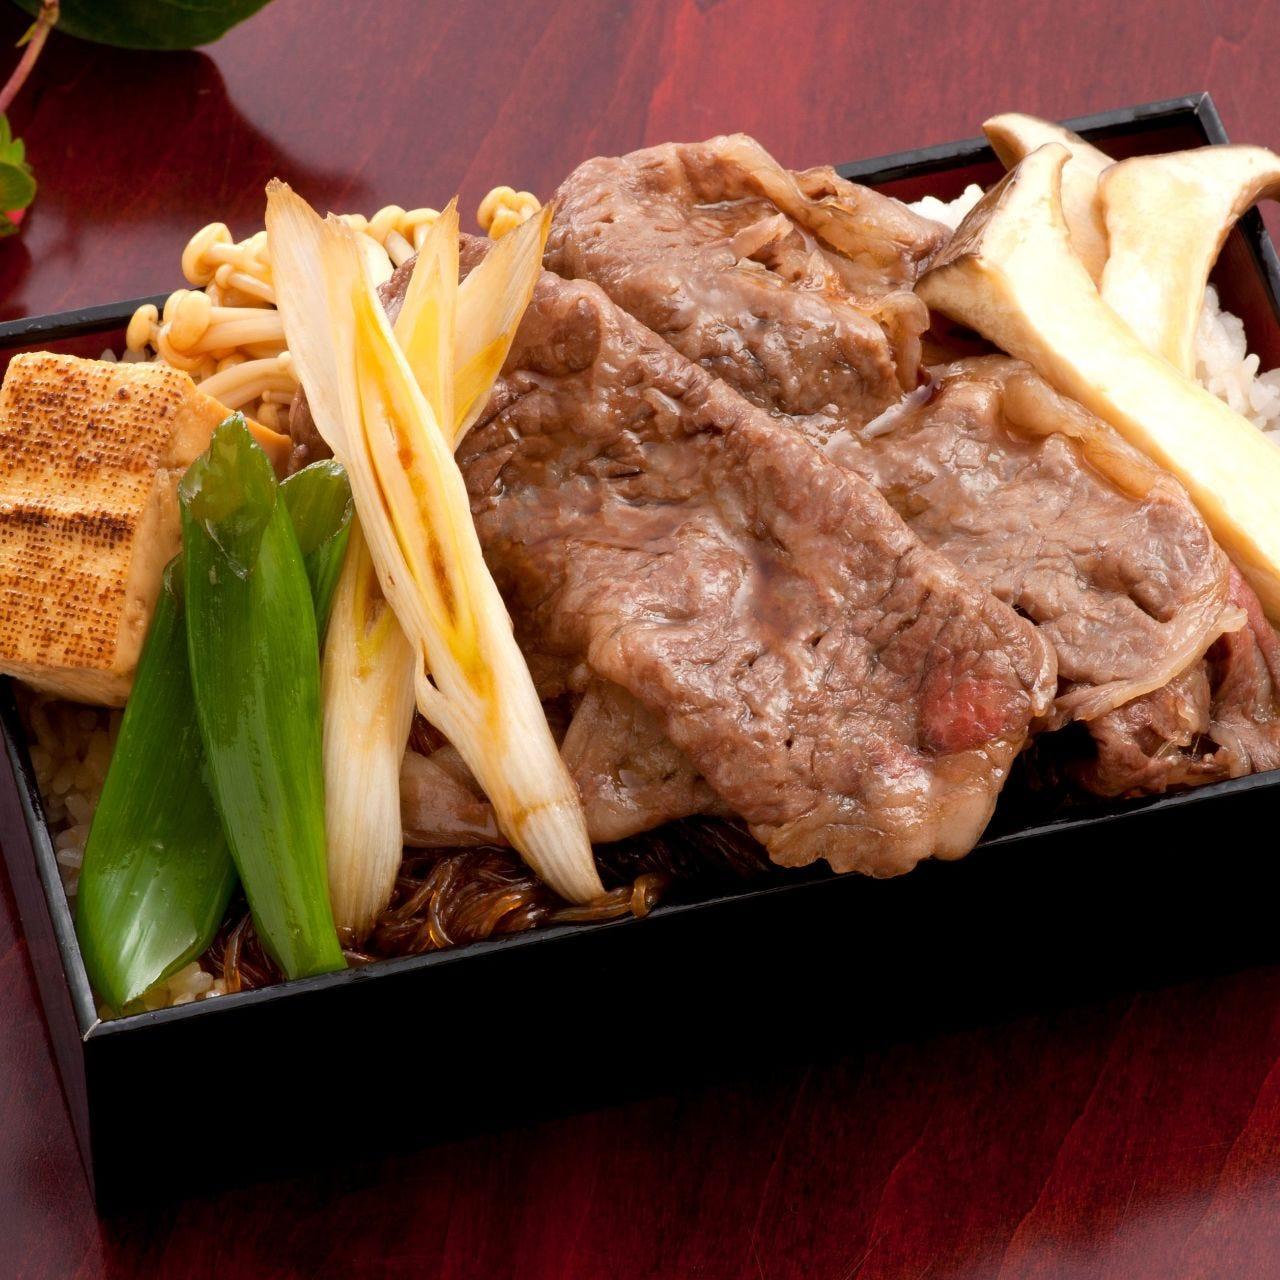 福井のブランド和牛「若狭牛」を 贅沢に使用したお弁当も人気